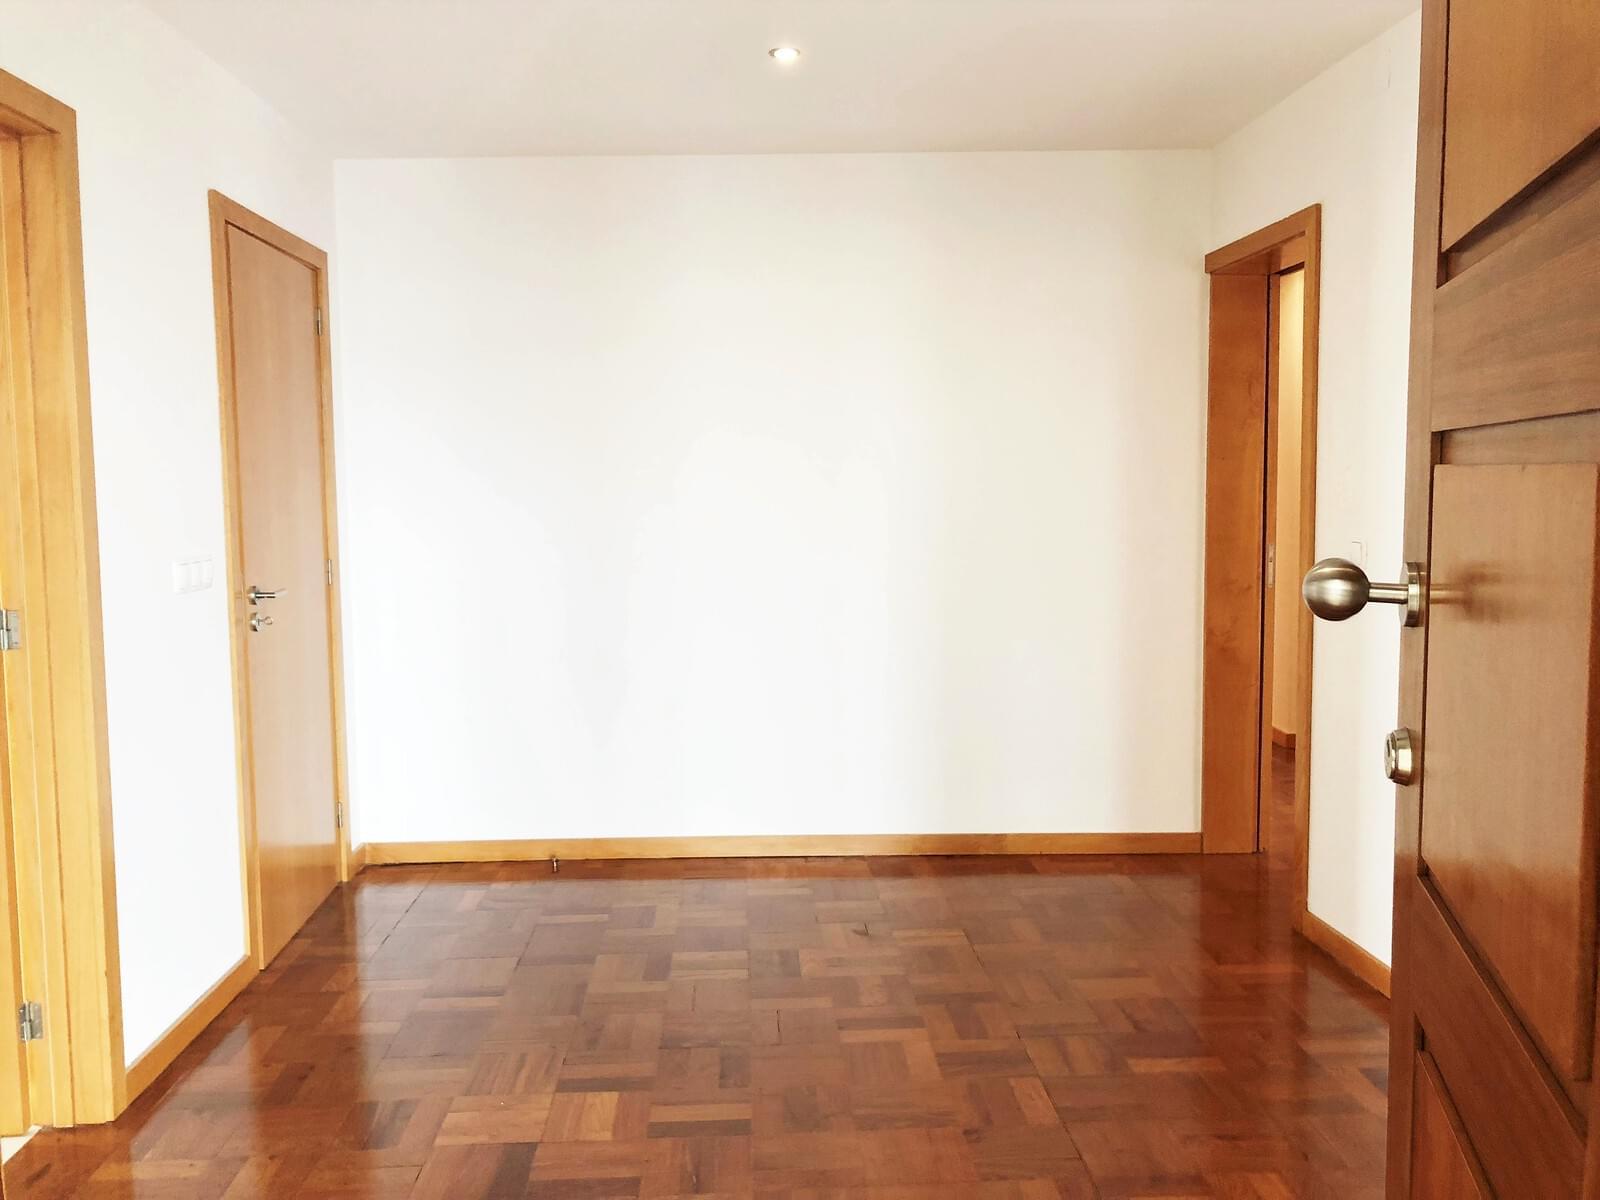 pf18040-apartamento-t3-lisboa-3f9acf18-3189-4df1-8225-00d2b51e21dd